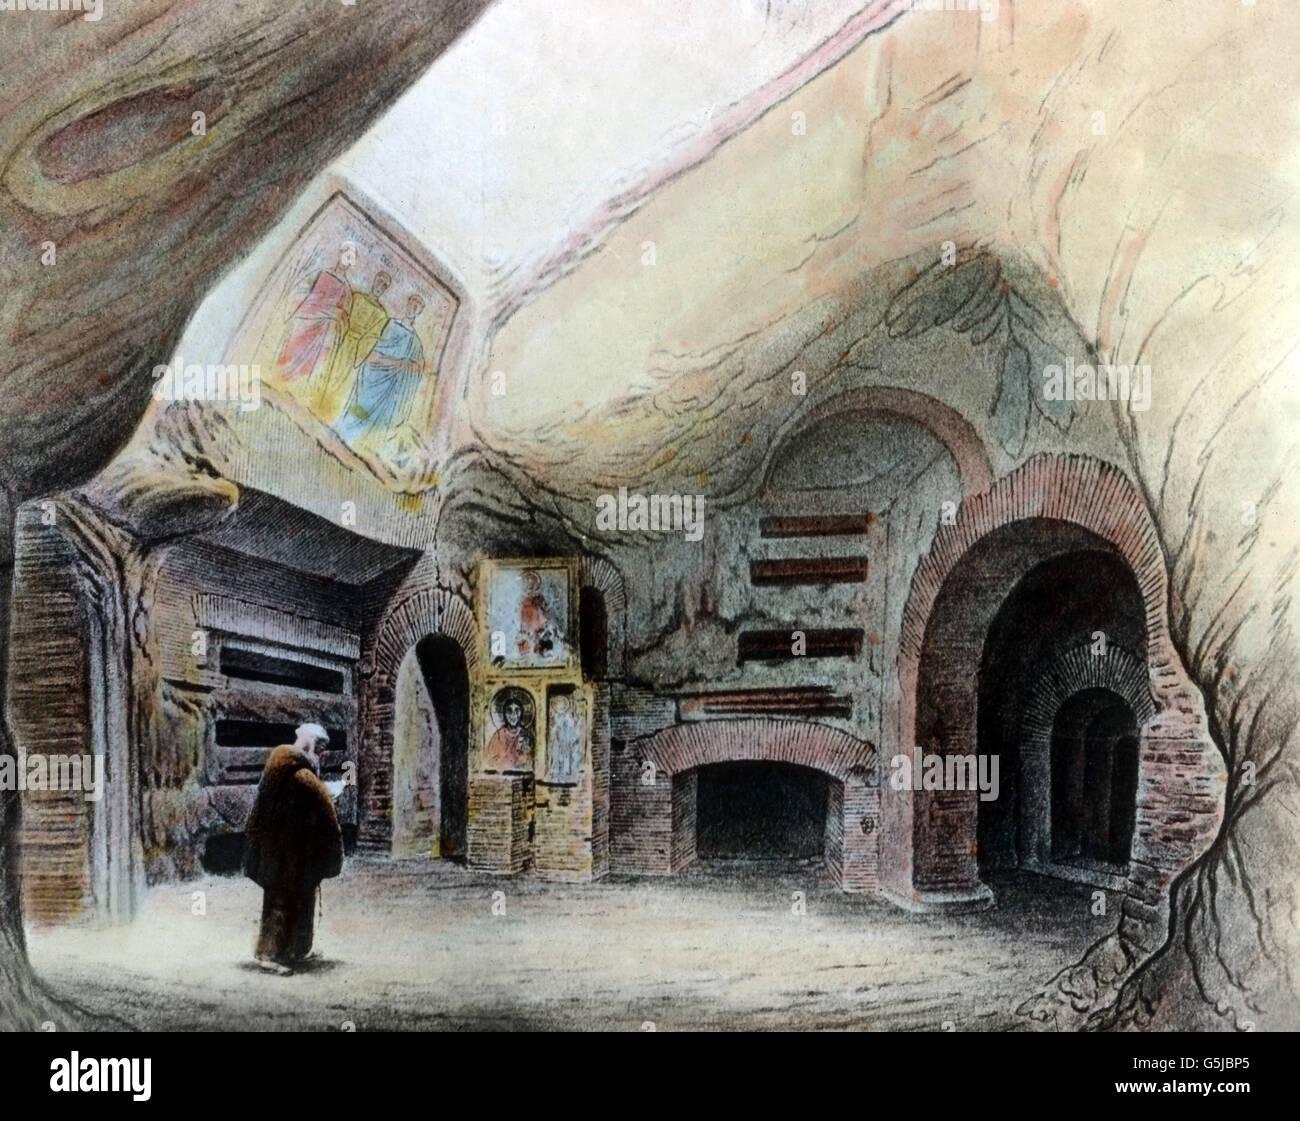 In der Katakombe der Heiligen Caecilia in Rom, Italien 1920er Jahre. Am Grab des St. Cecilia in Rom, Italien der 1920er Jahre. Stockfoto